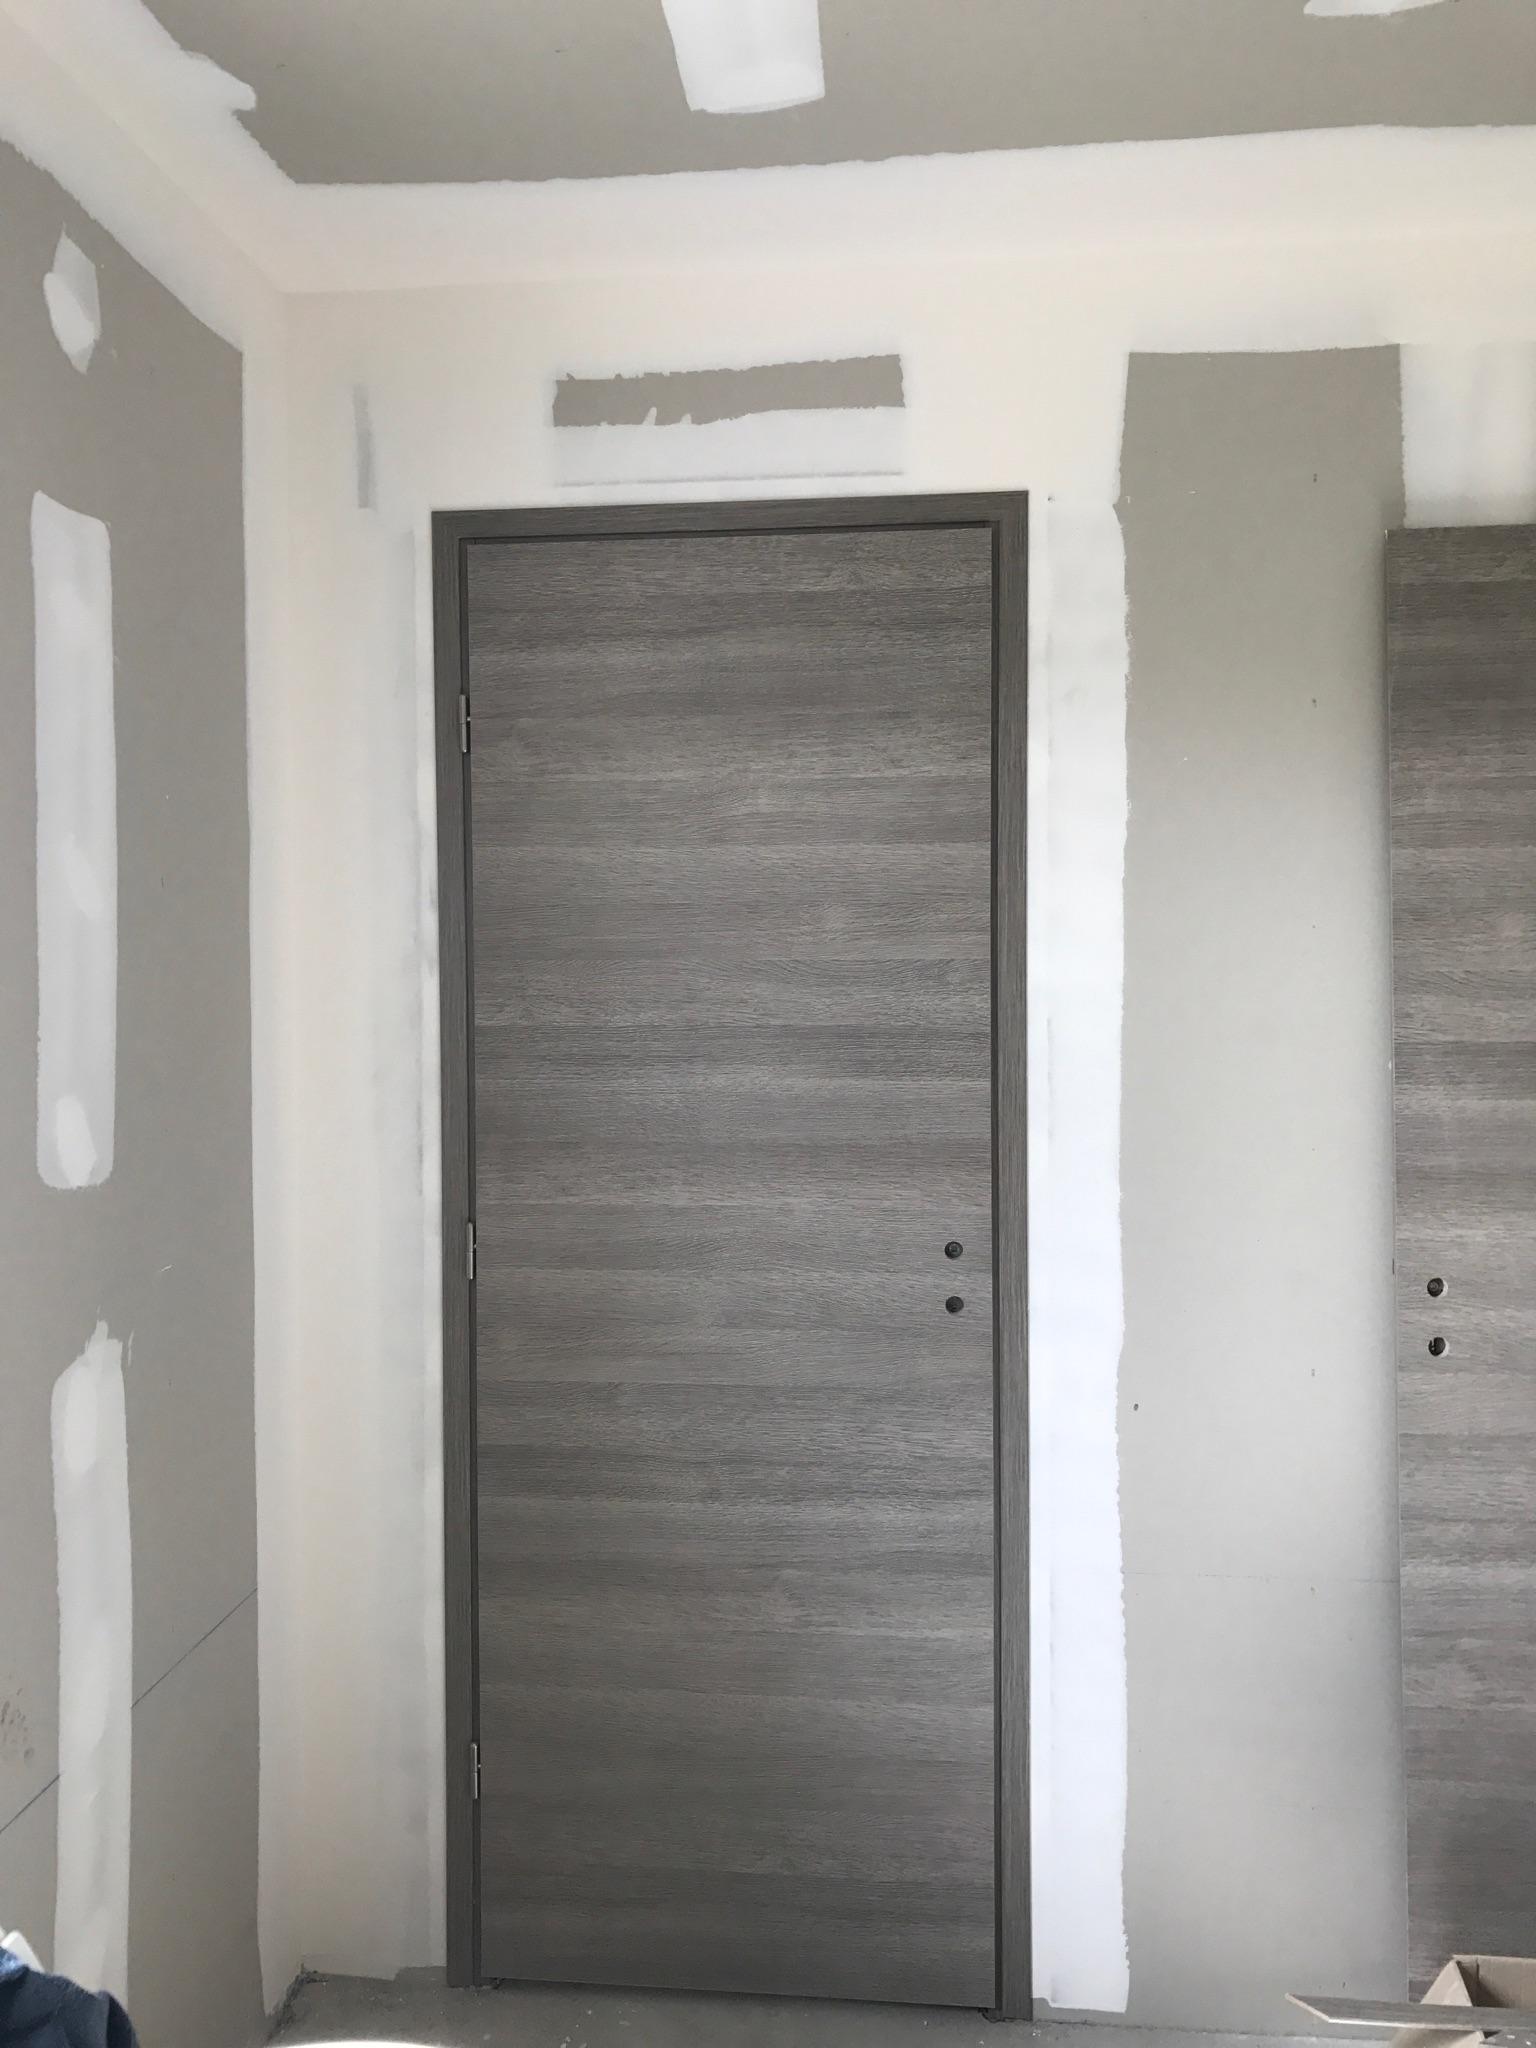 Pose de porte et habillage de porte à Mesnil-Esnard proche Rouen (76)